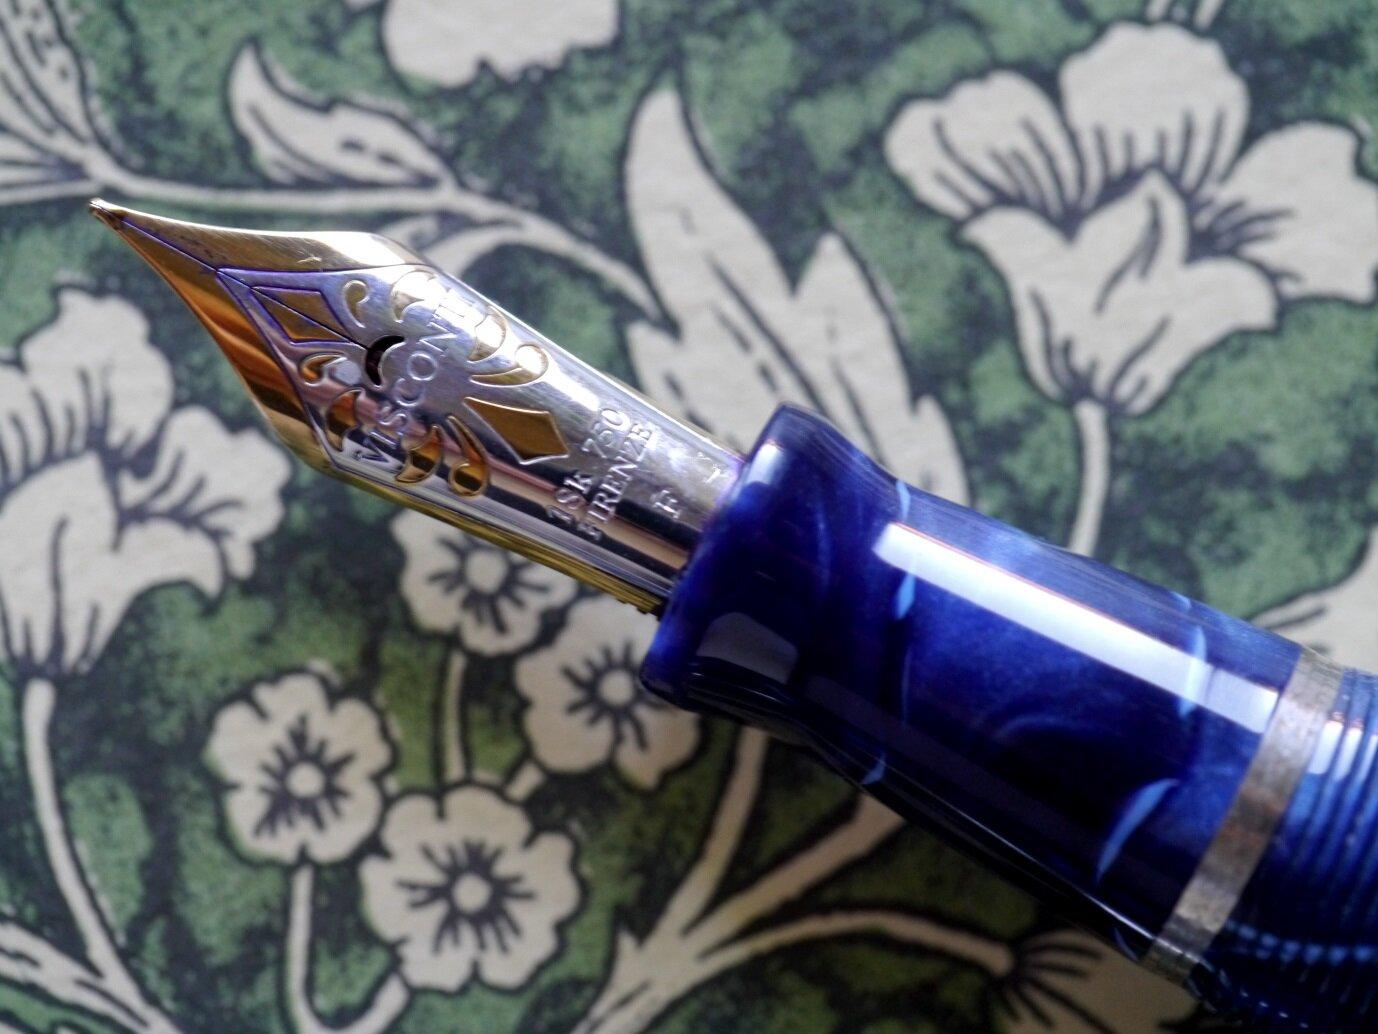 P1190414-3 Visconti Voyager Kaleido Blue 18k.jpg